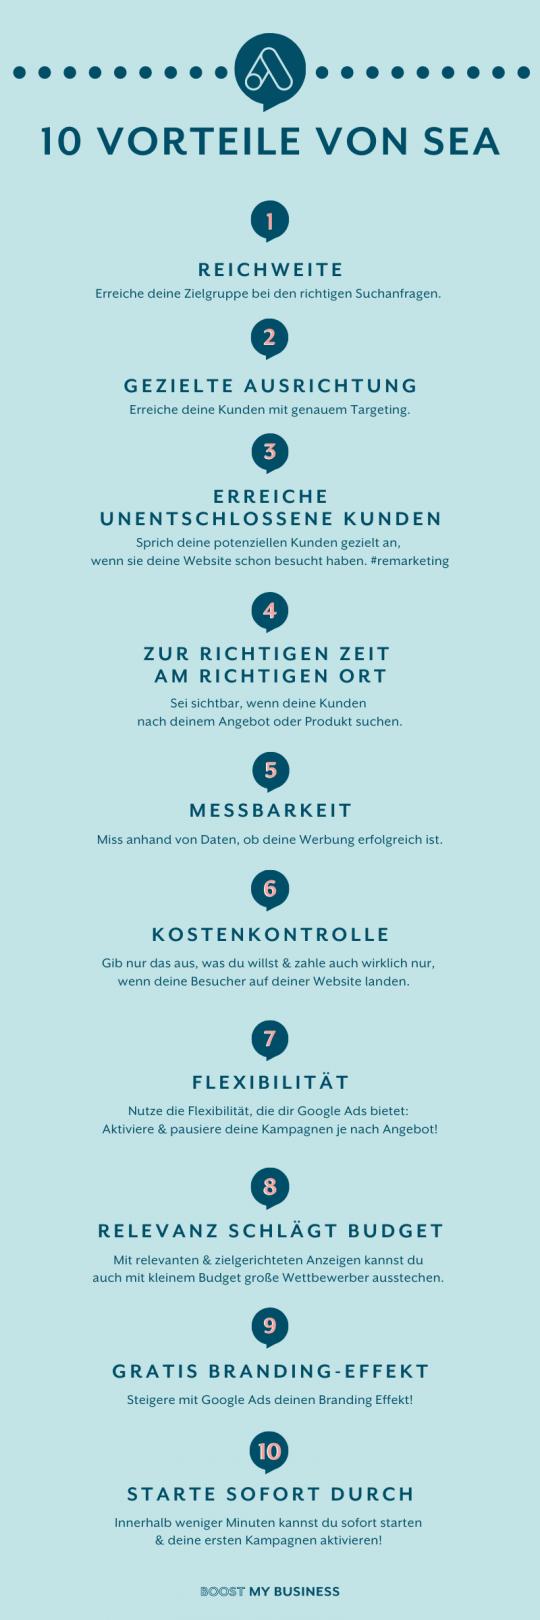 10 Vorteile von SEA und Google Ads - Infografik